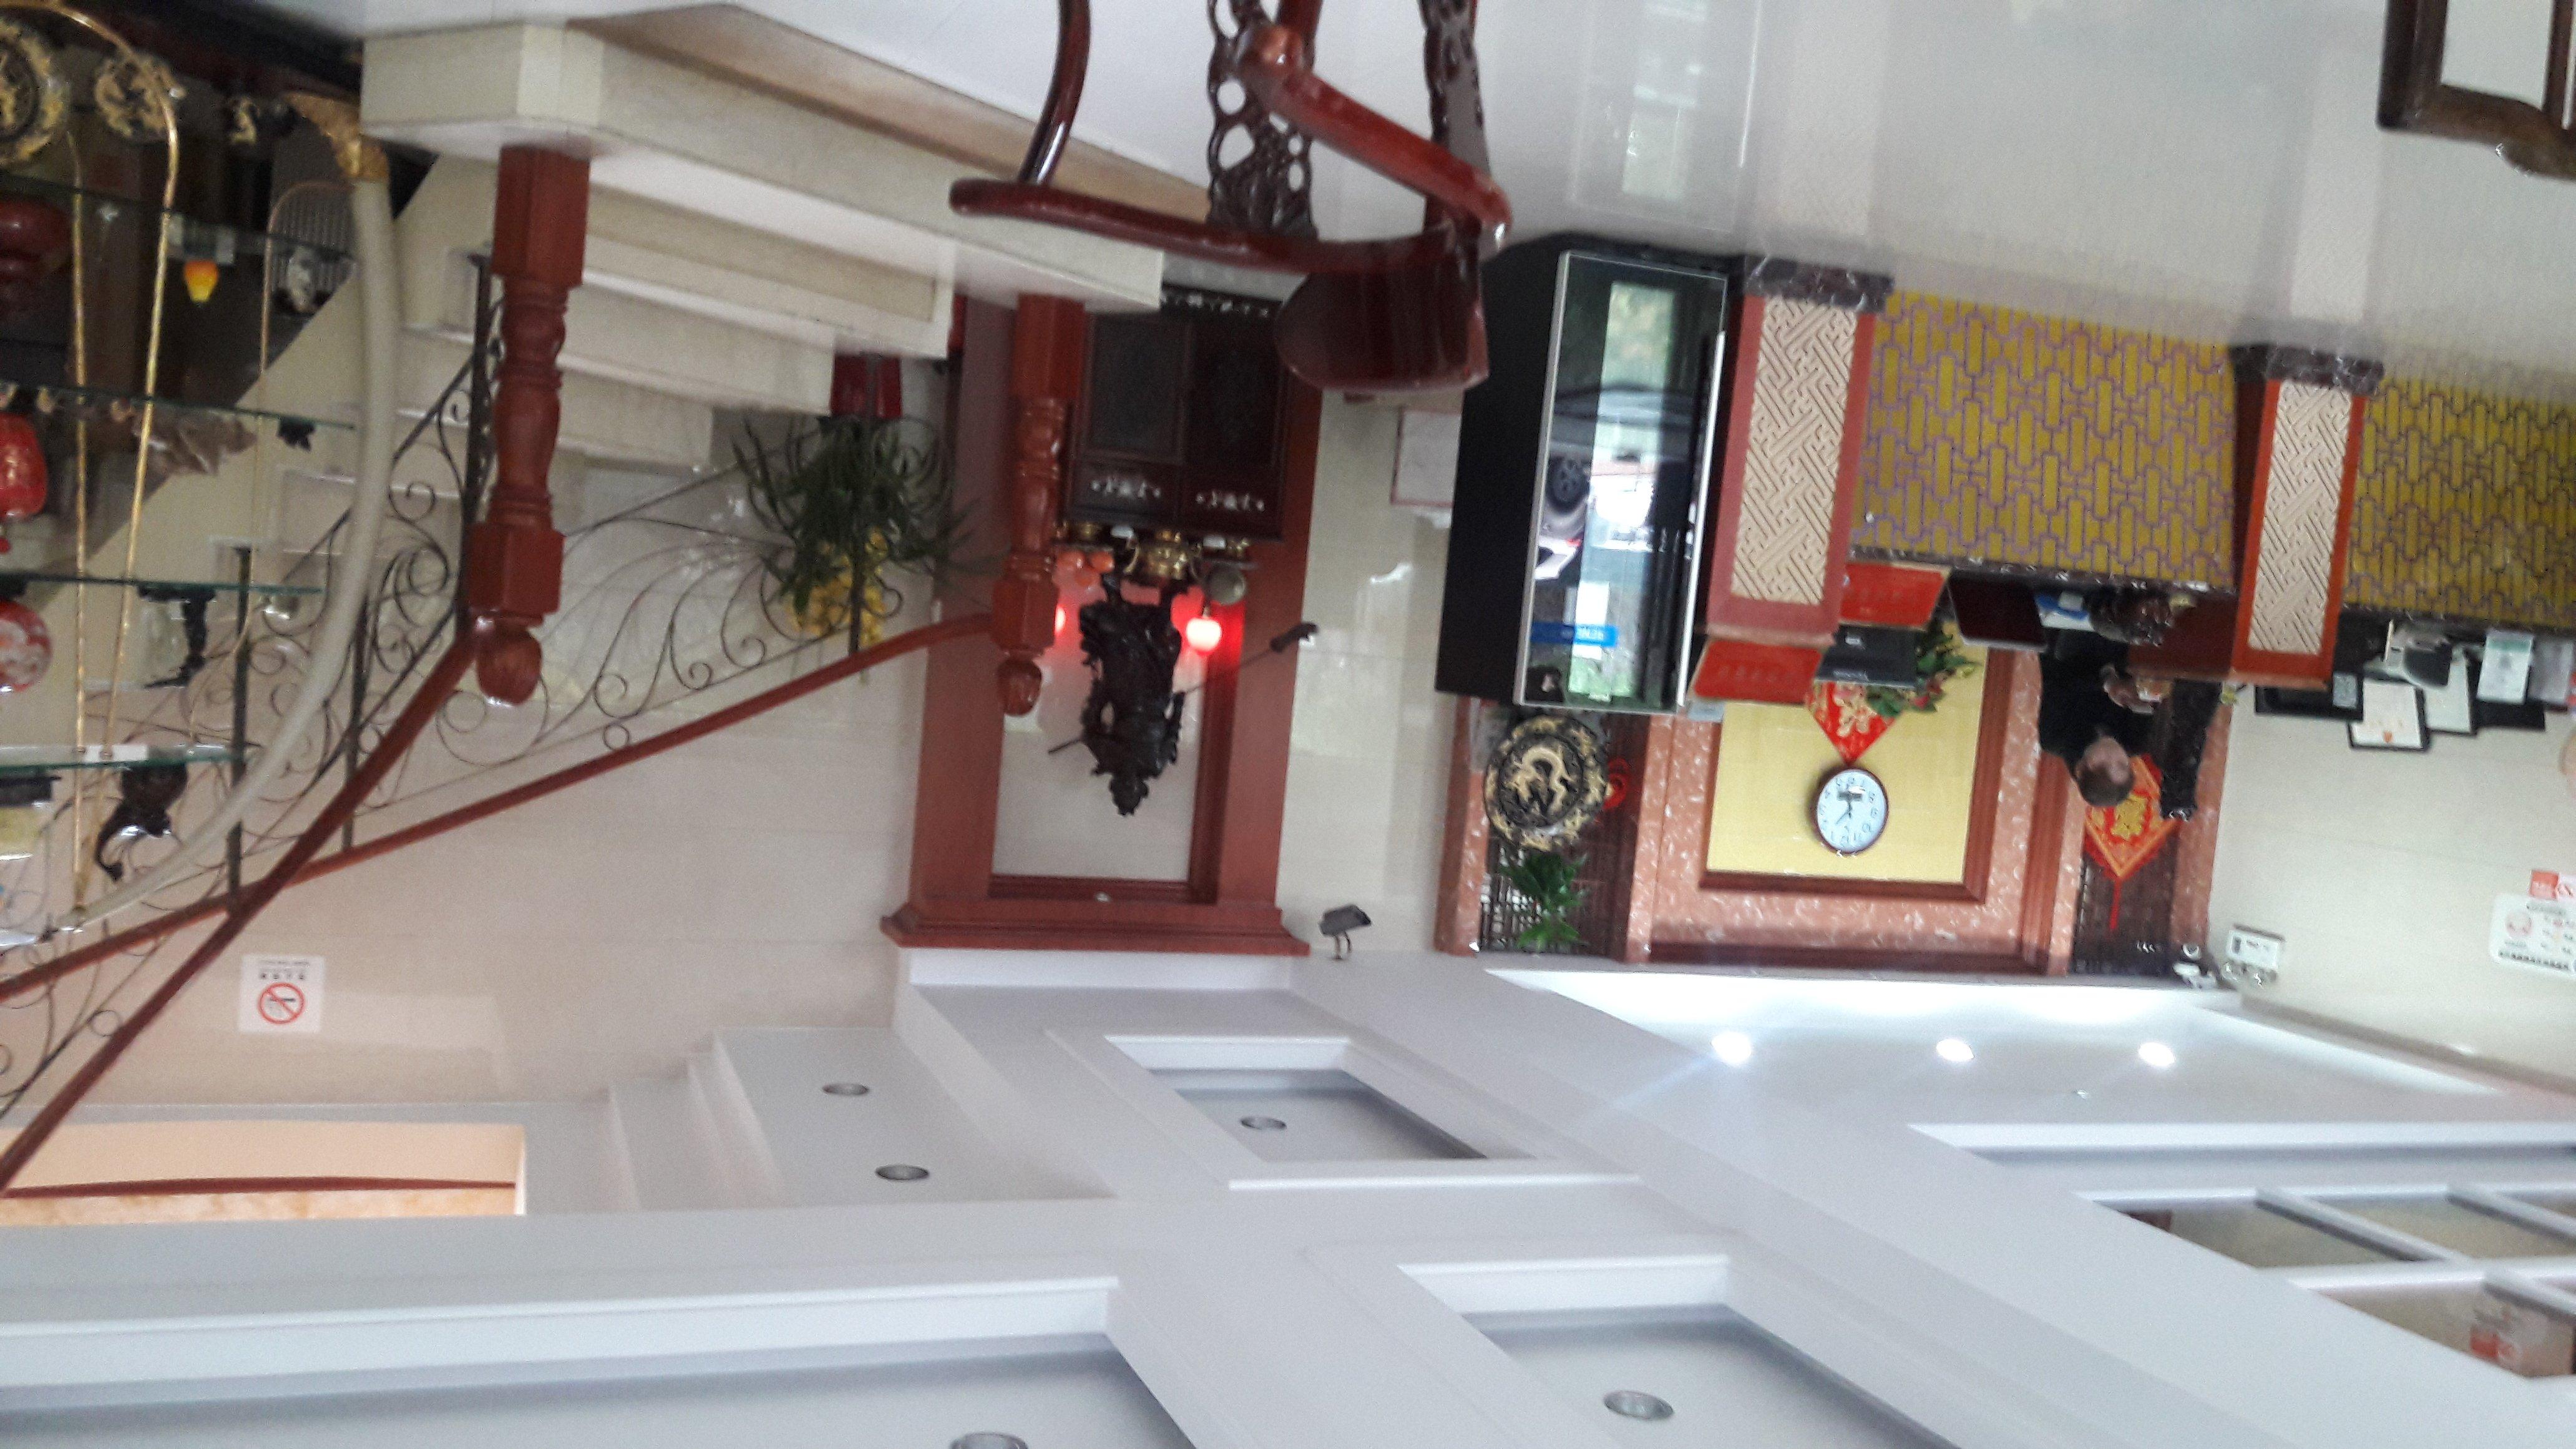 Irene Boutique Hotel Shanghai Jinshu